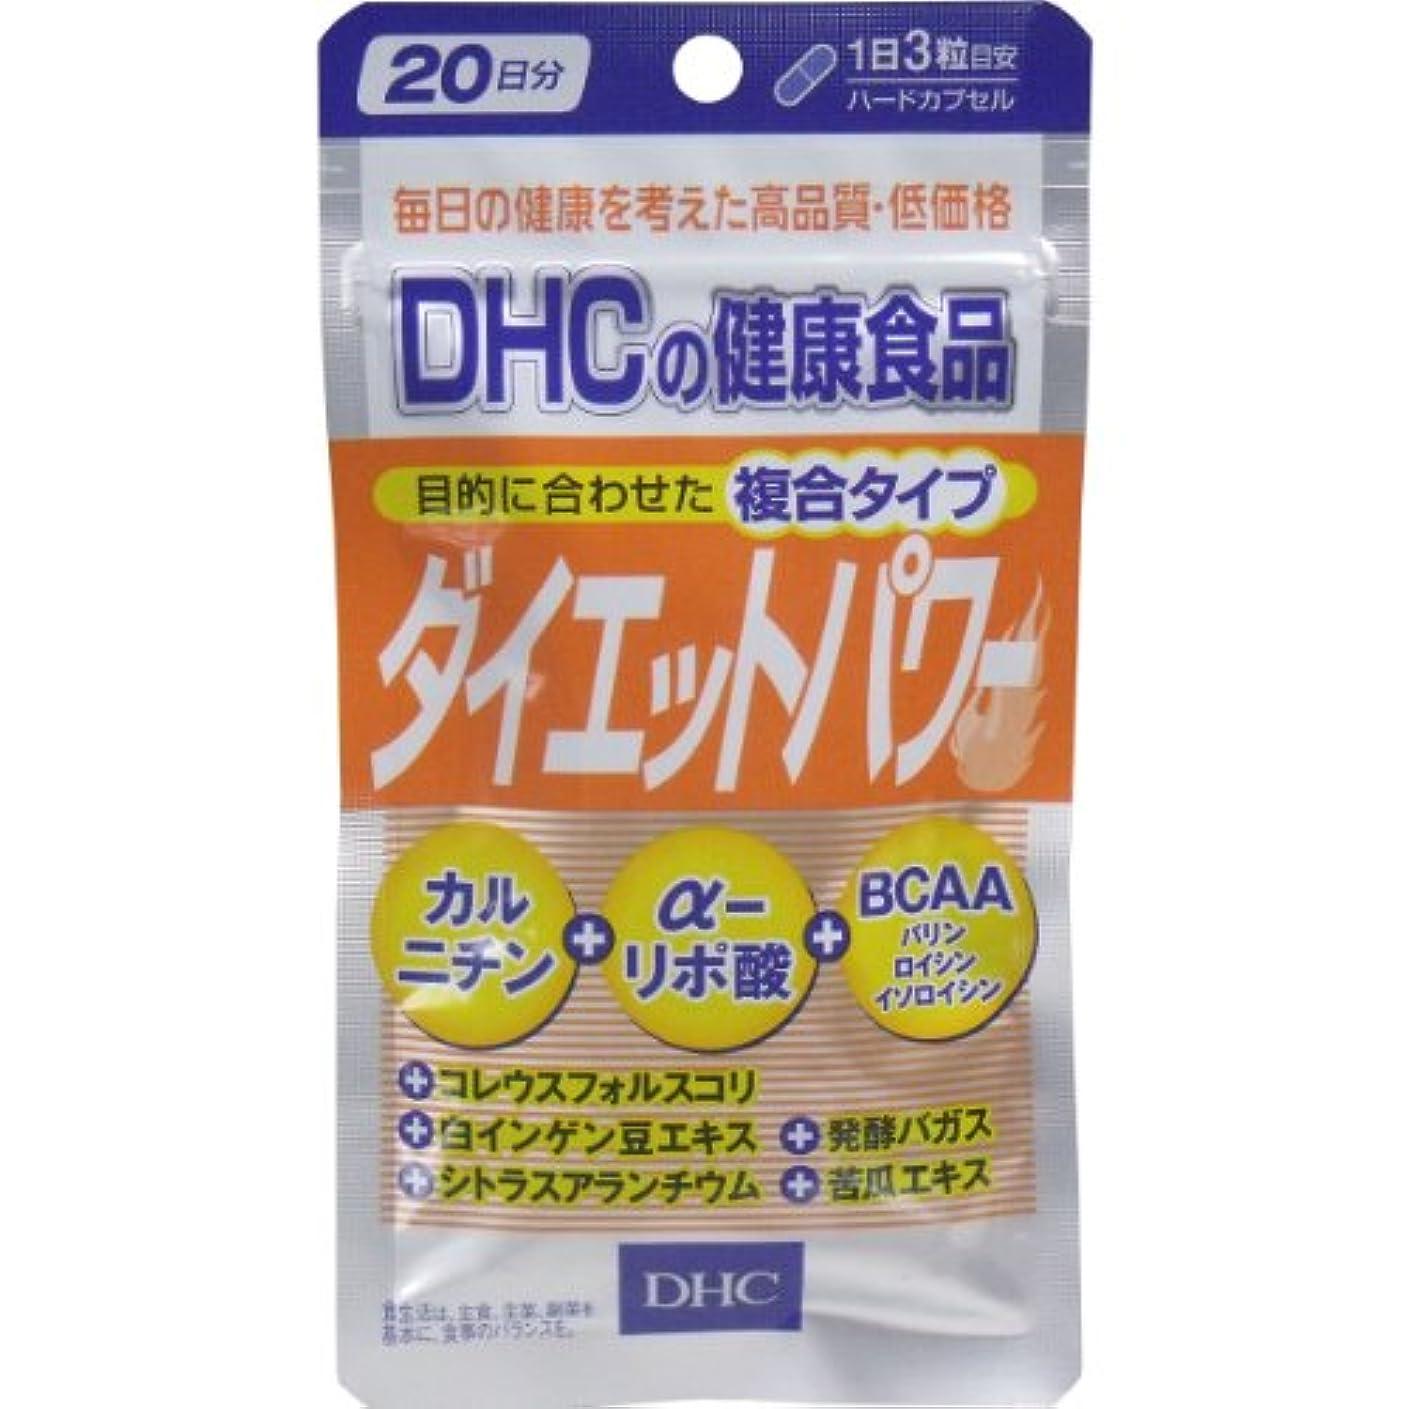 呼び出す逆説曲線DHC ダイエットパワー 60粒入 20日分